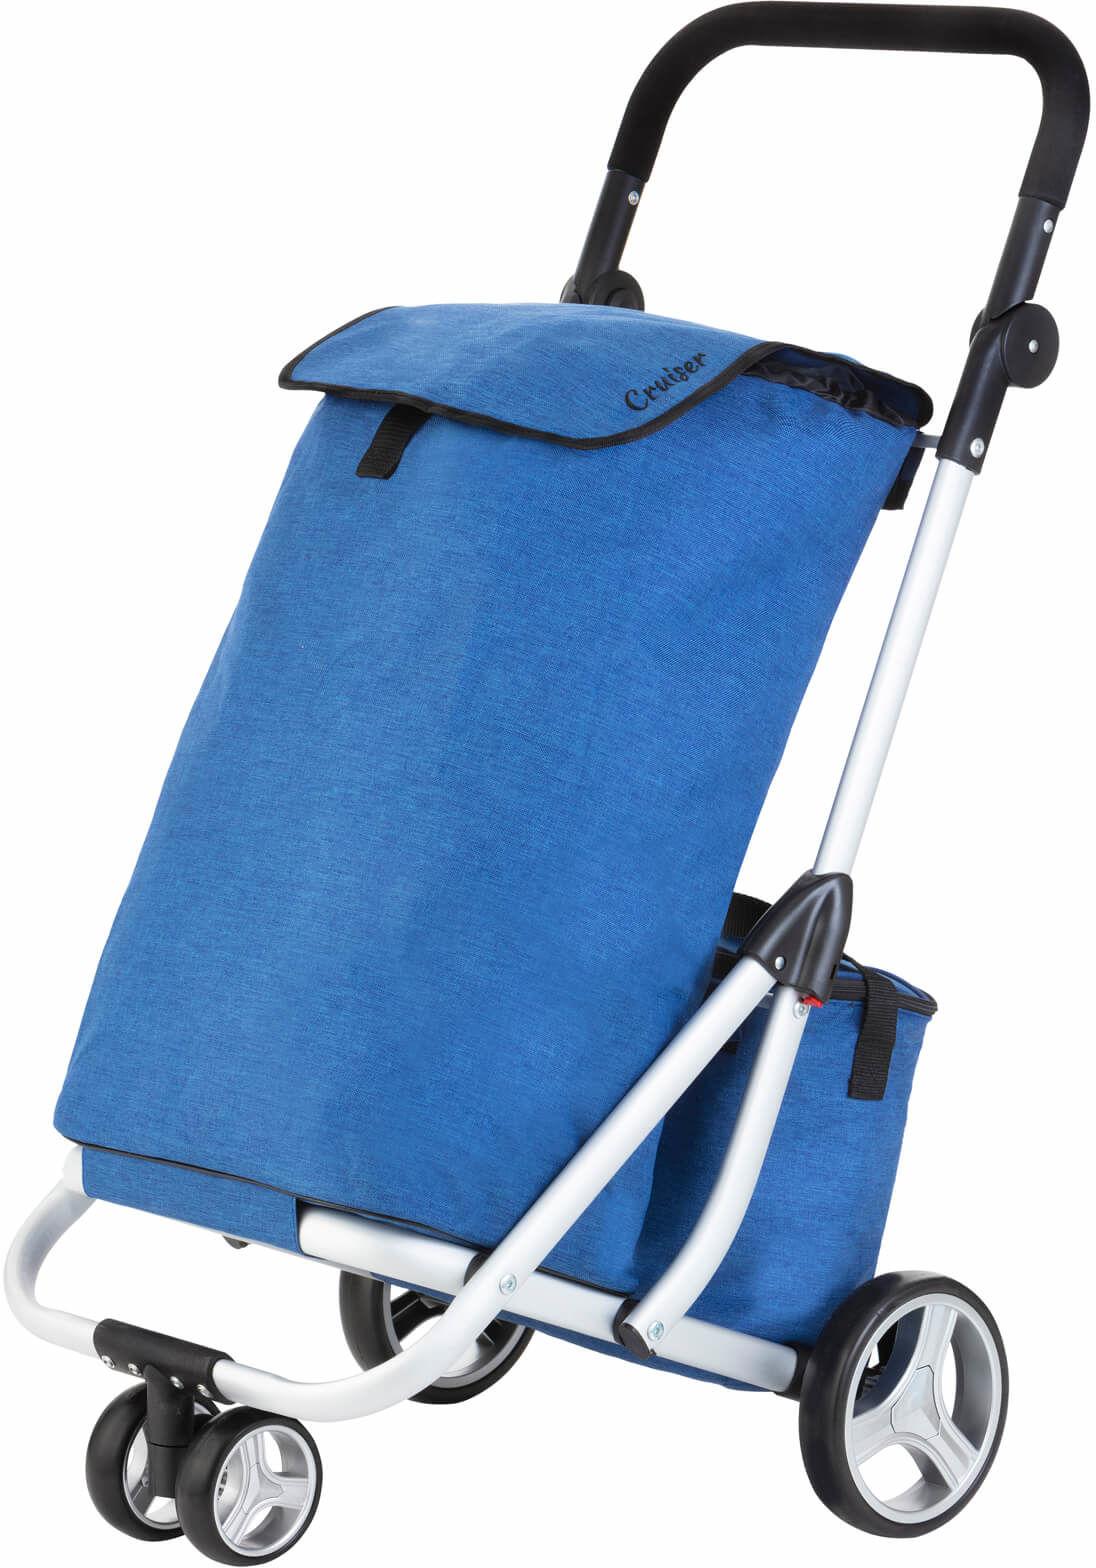 Wózek zakupowy trójkołowy Cruiser /niebieski/